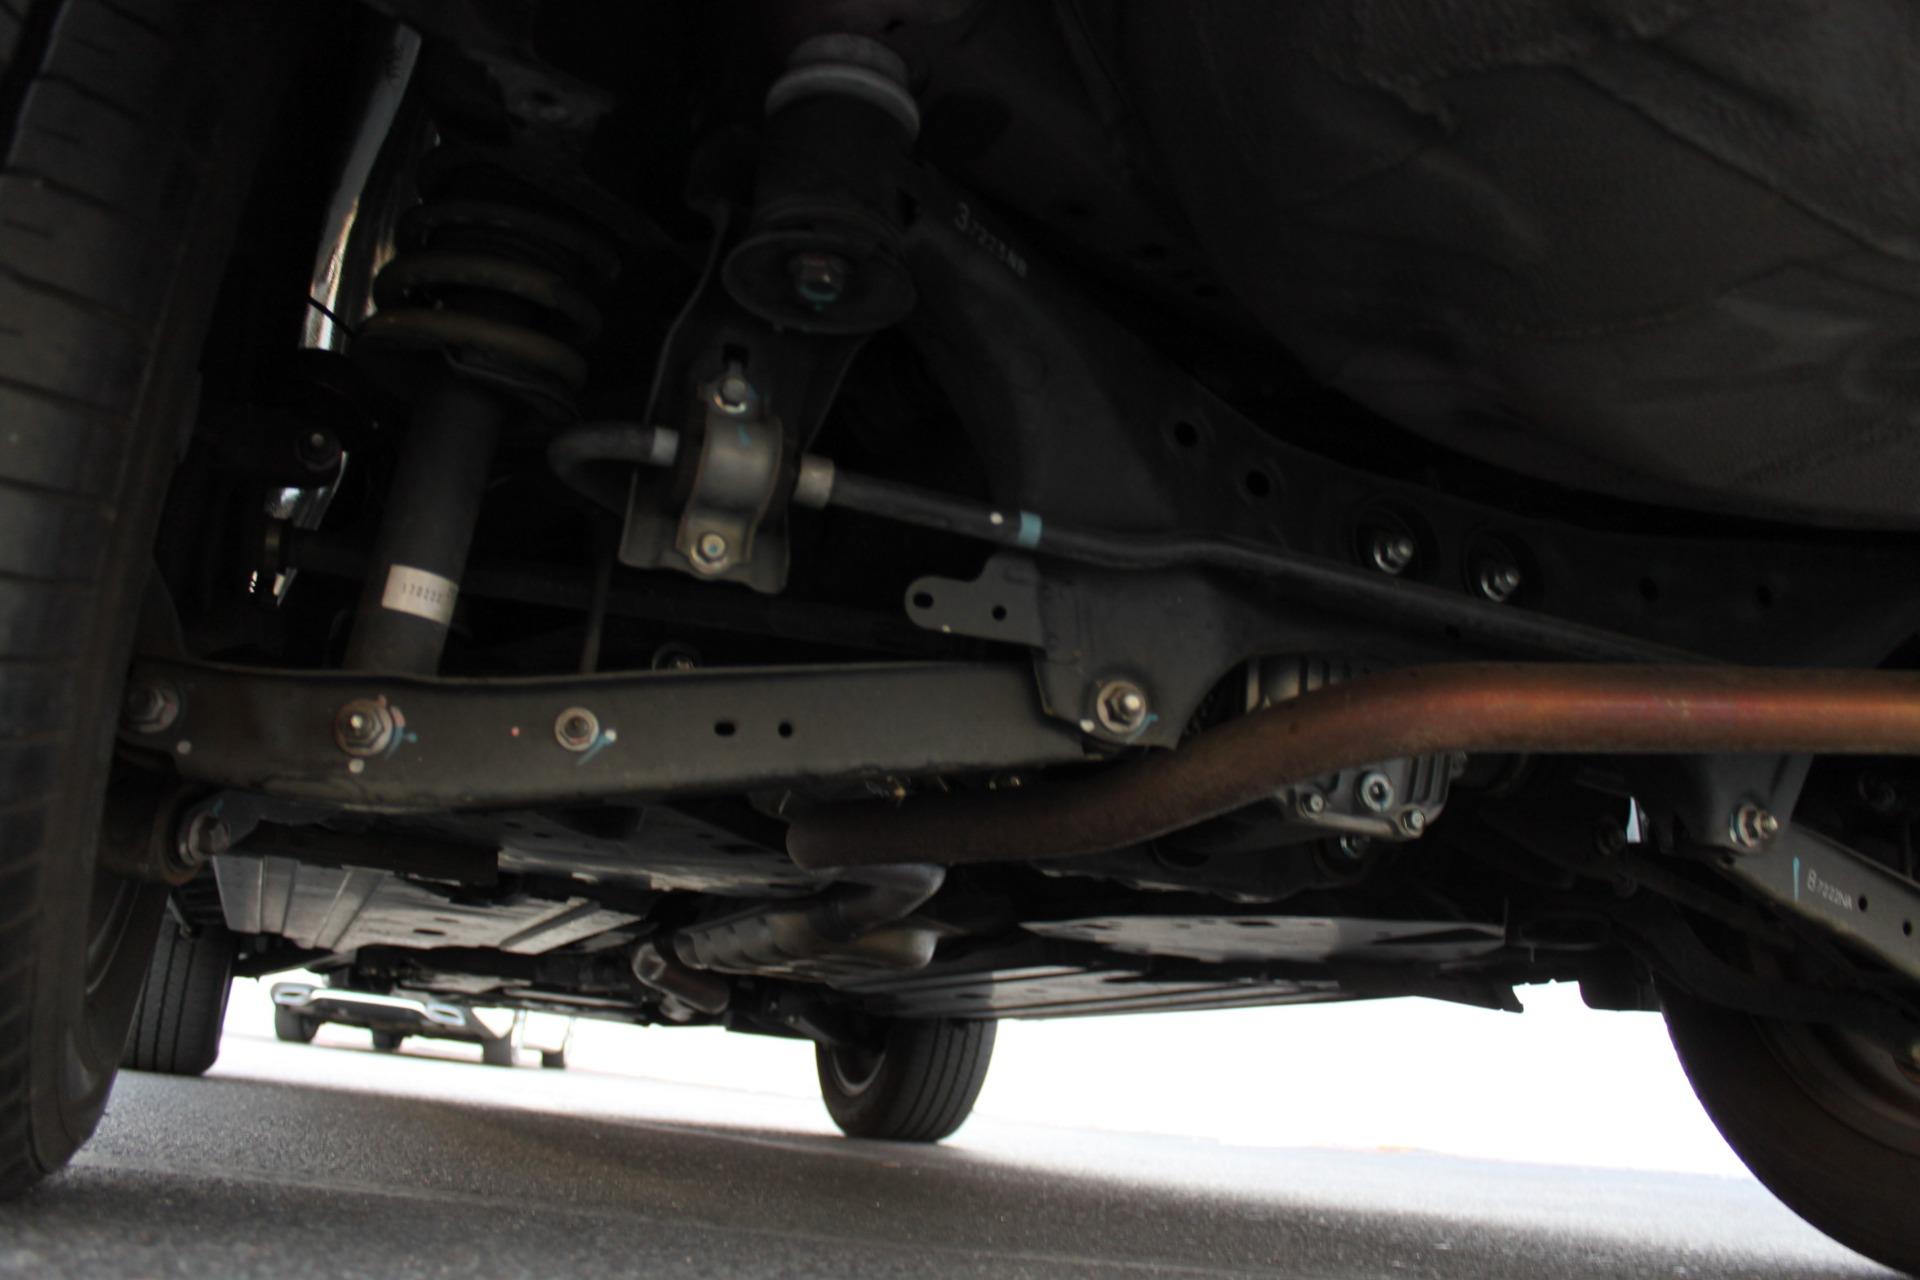 Used-2017-Subaru-Forester-25i-All-Wheel-Drive-25i-Lamborghini